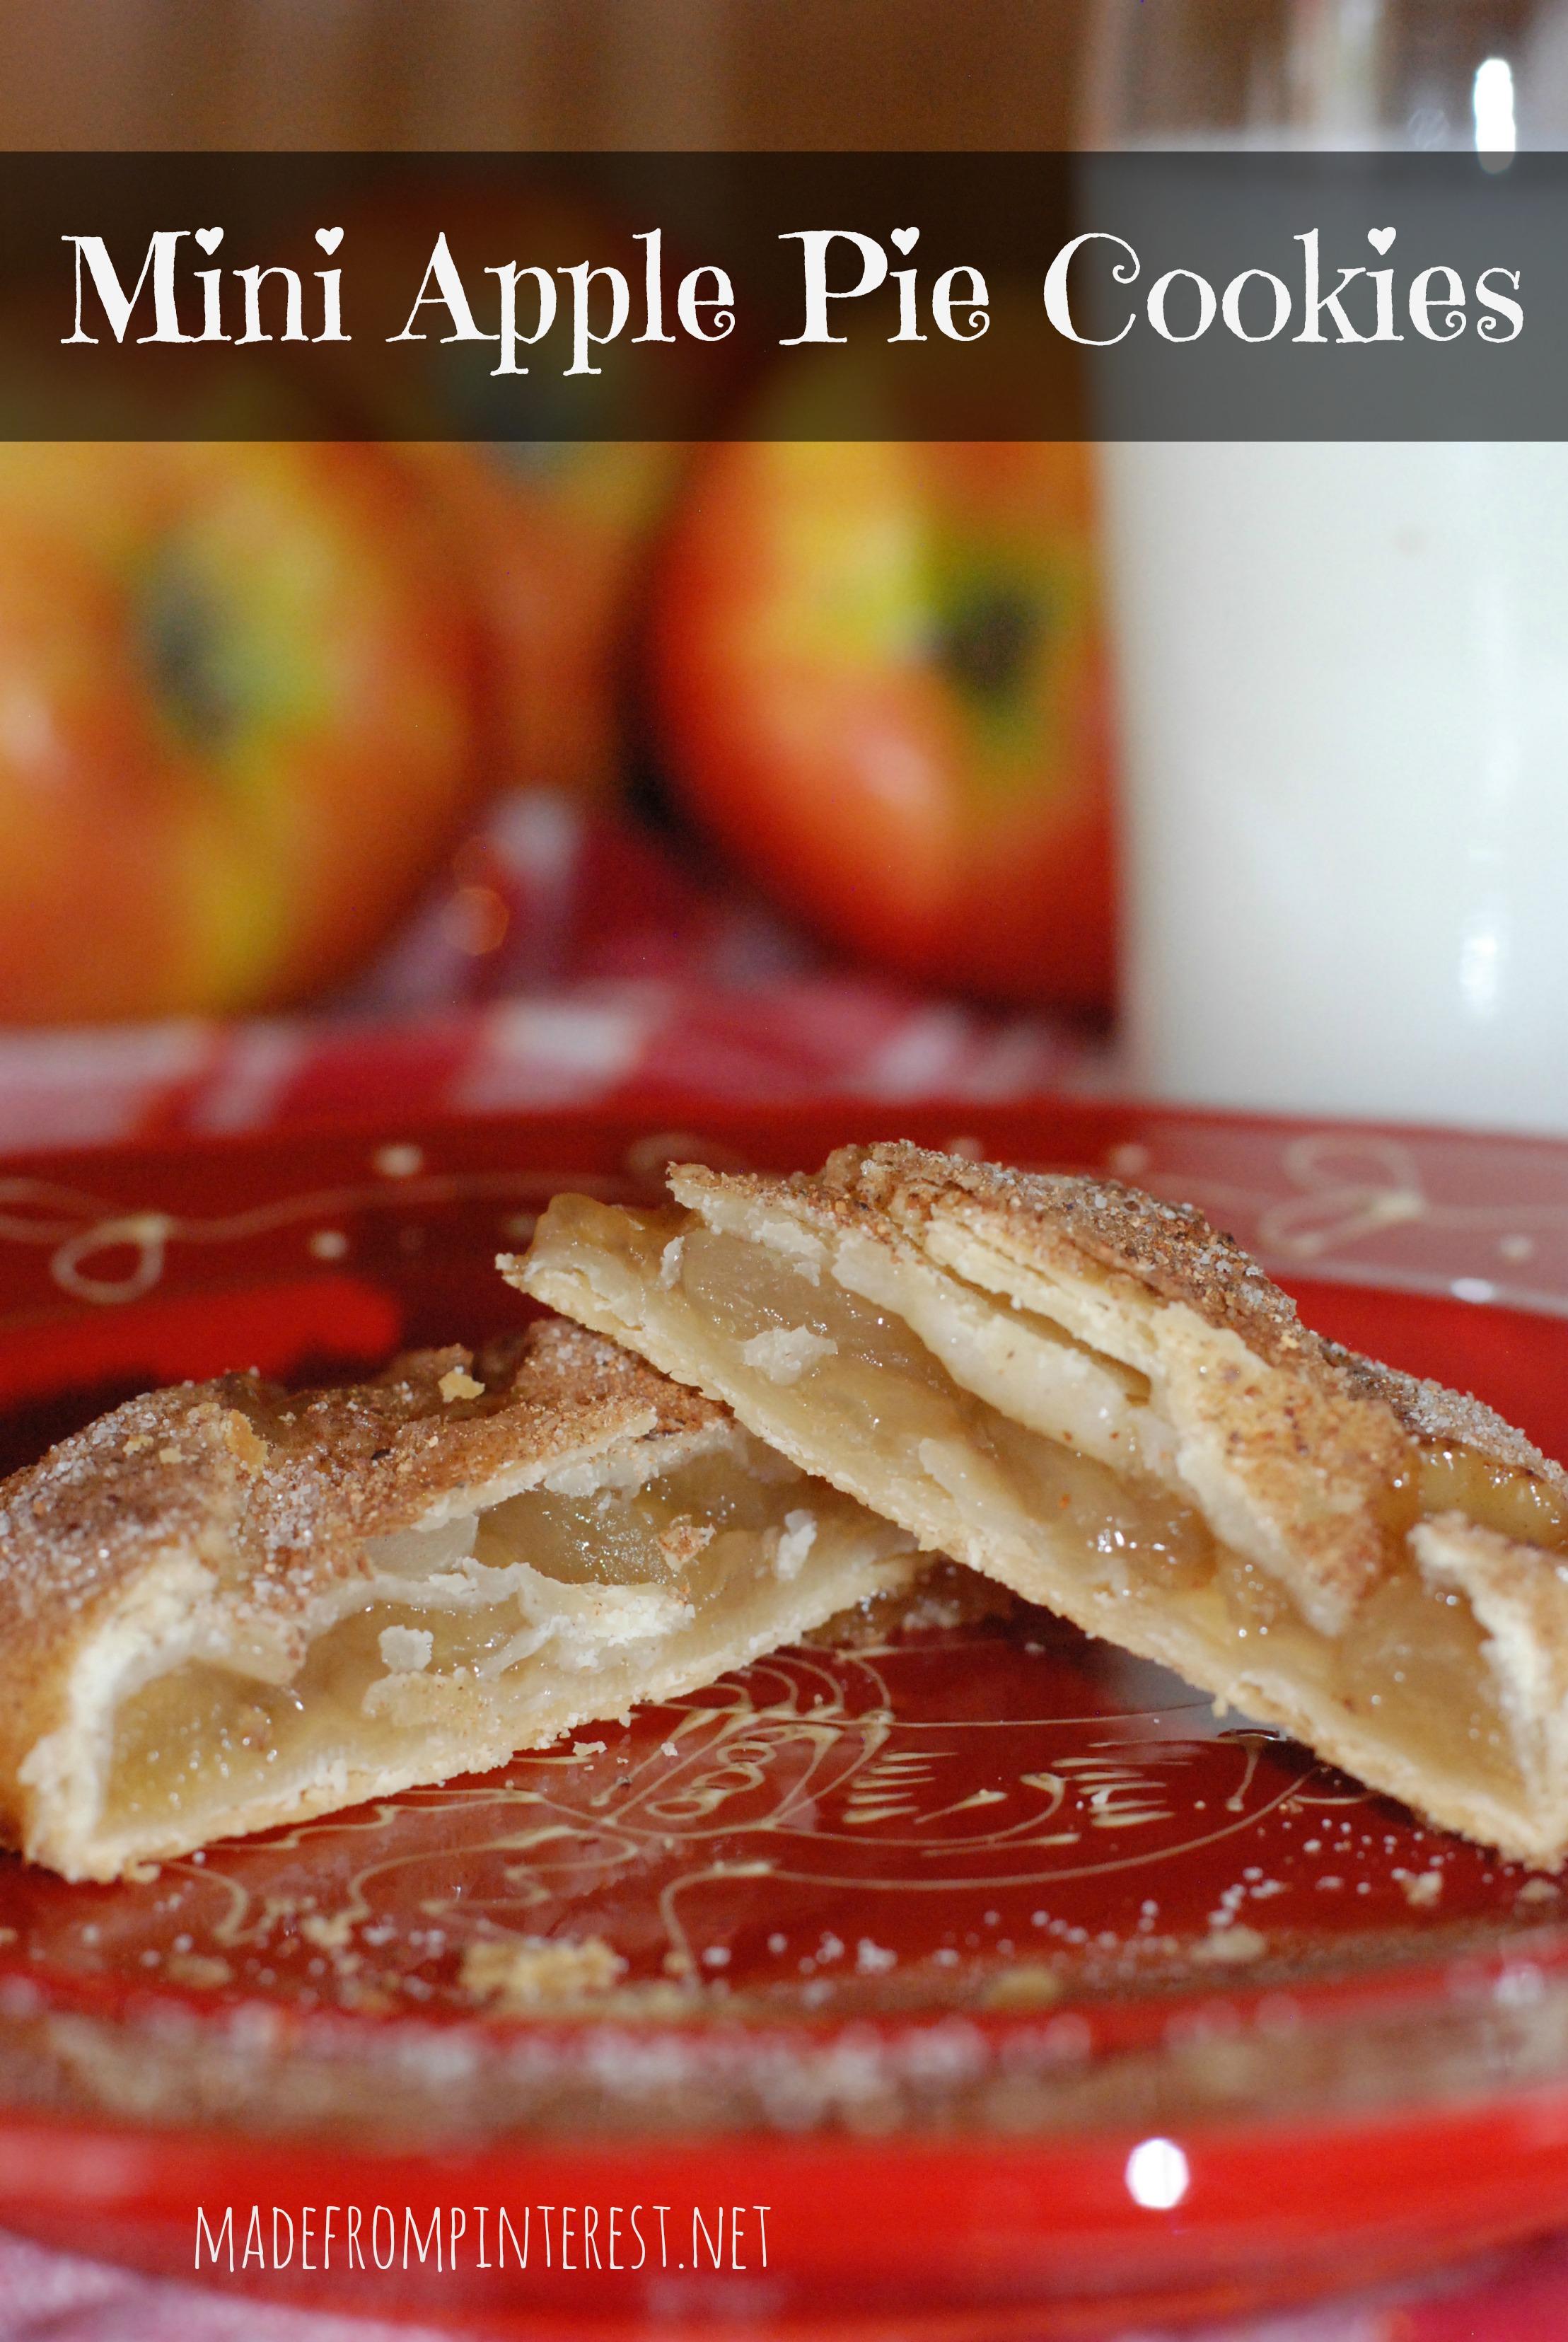 Apple Pie Leaking Mini Apple Pie Cookies